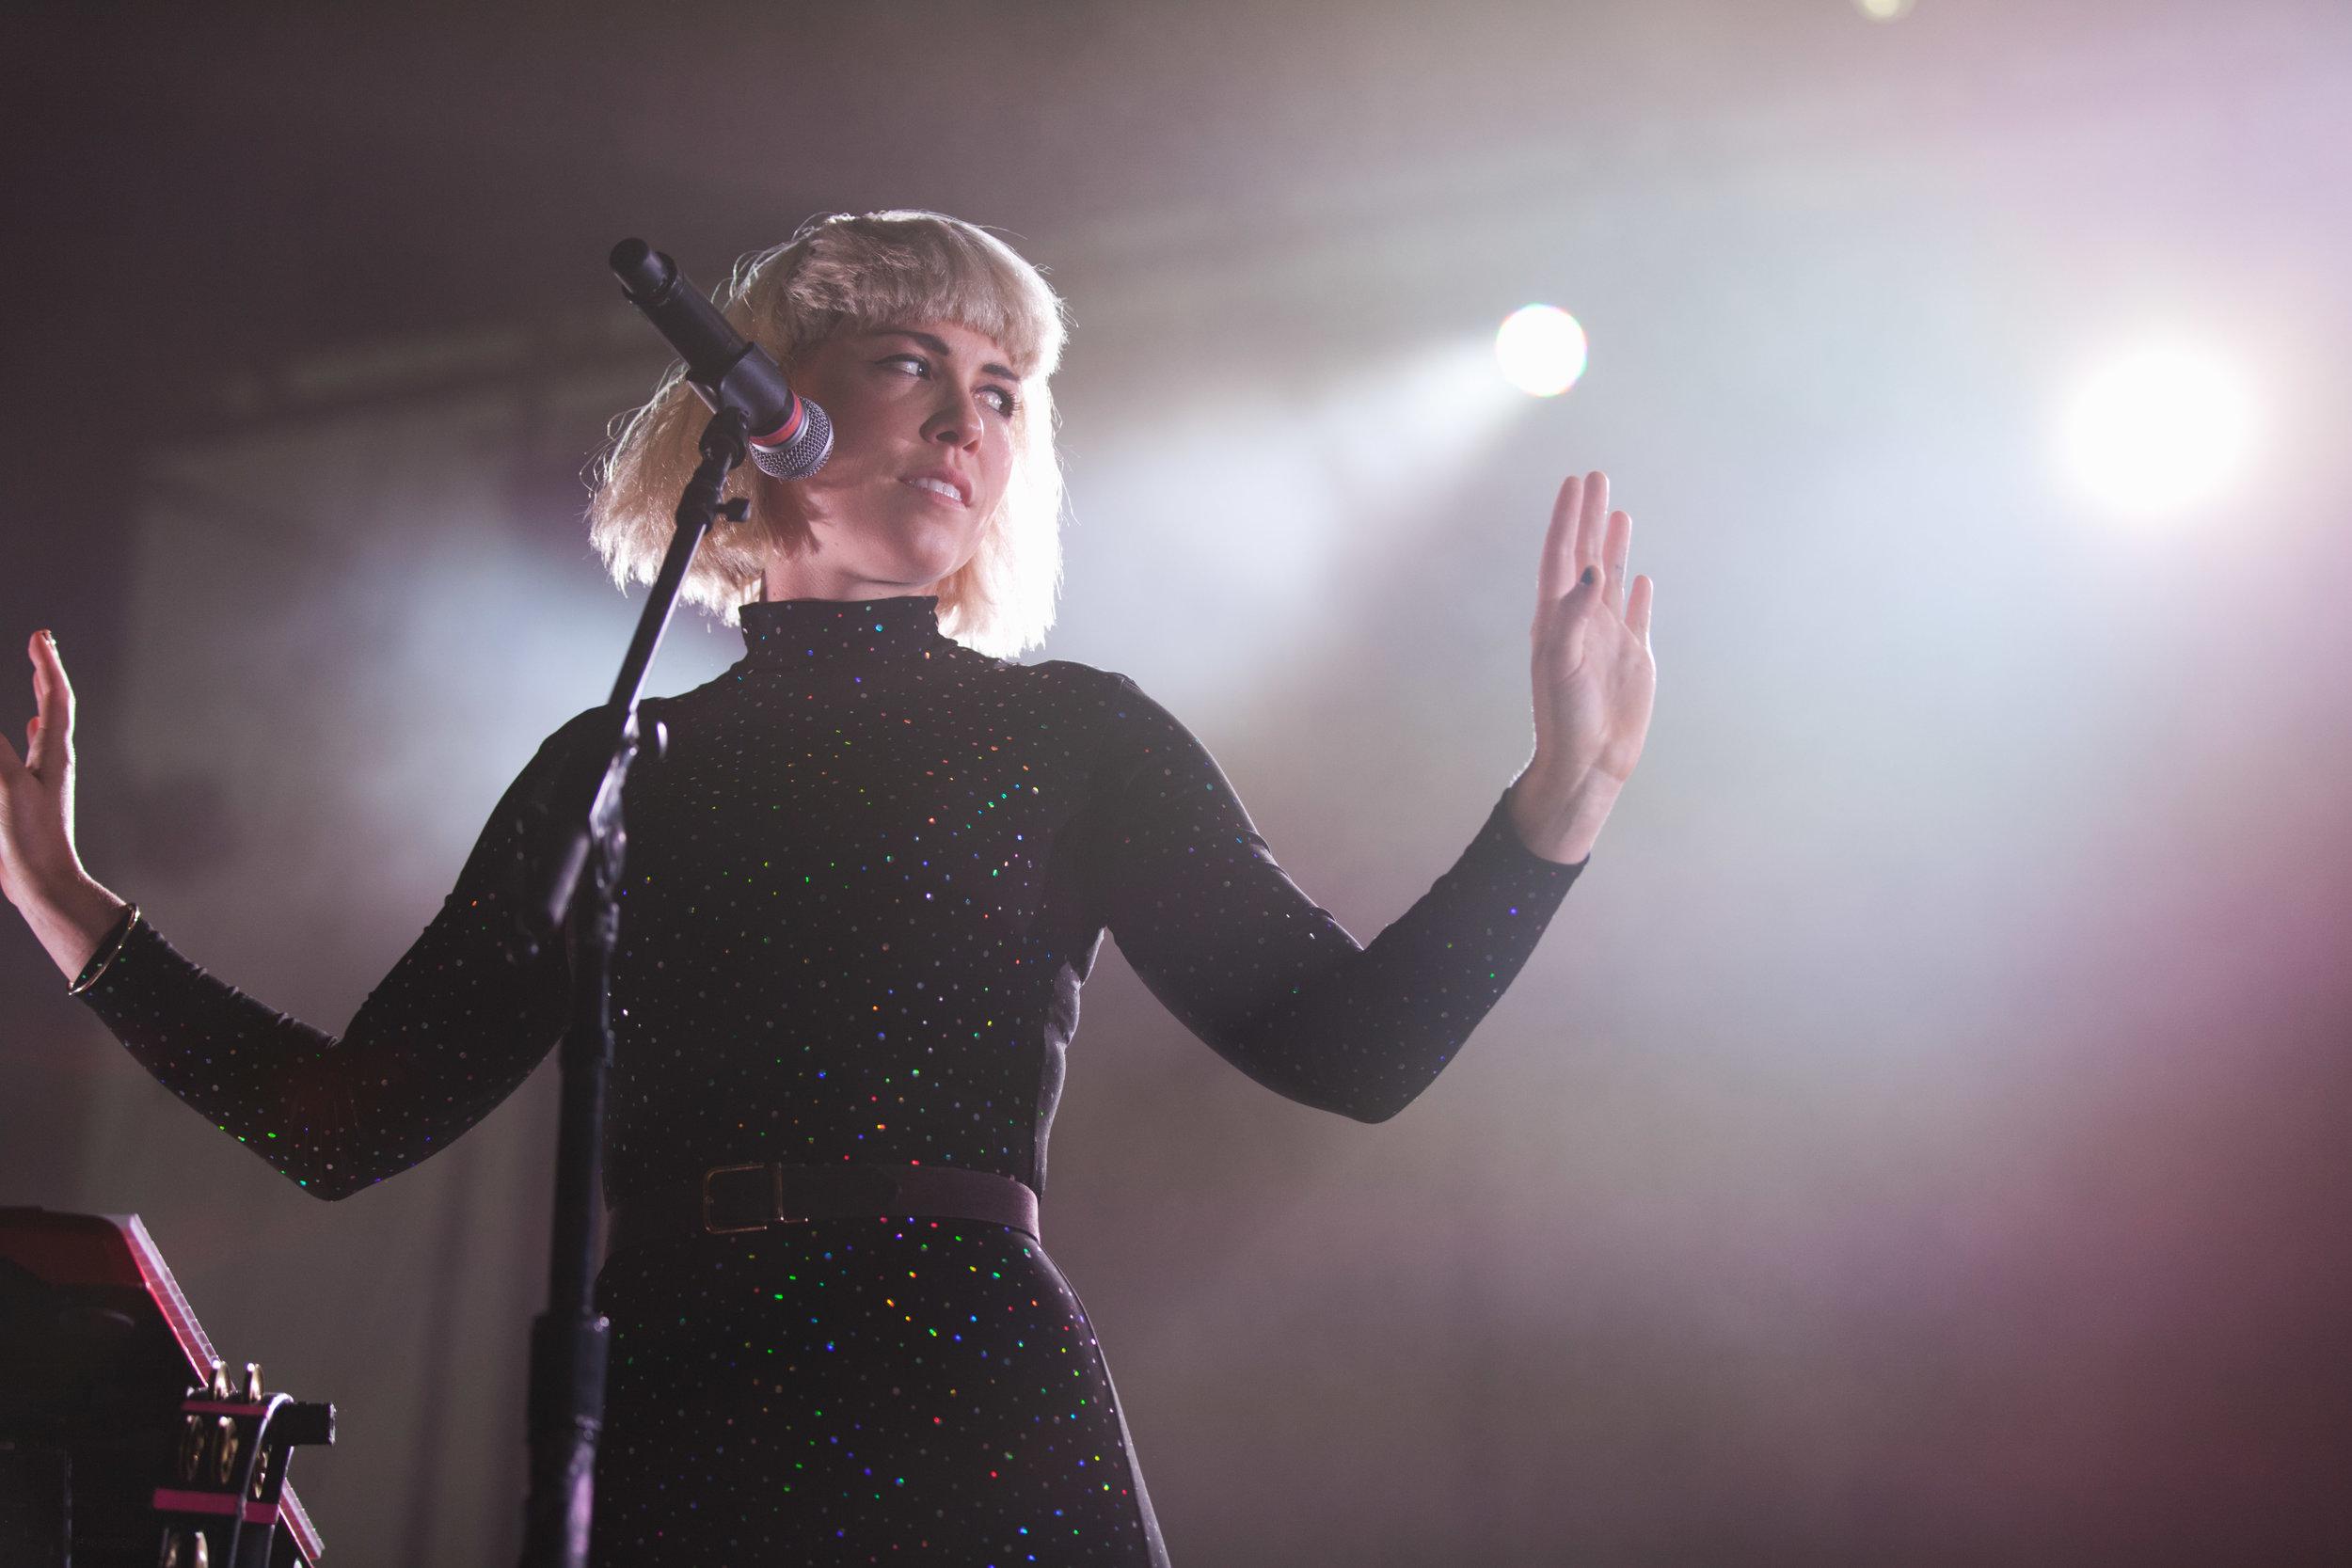 Grouplove-Hannah-Hooper-1.jpg